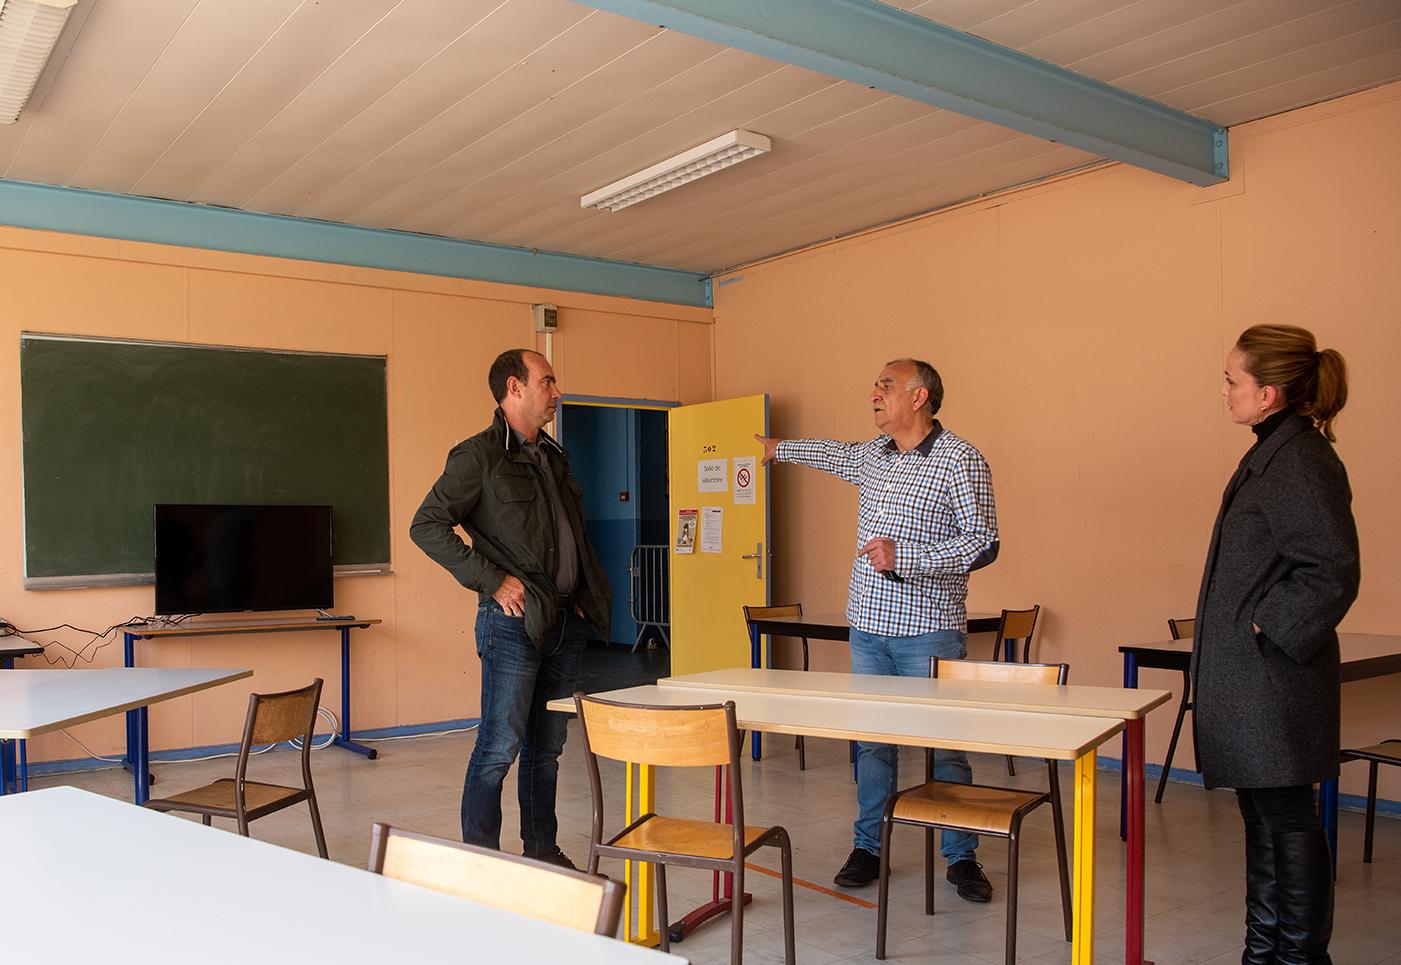 Le directeur des services techniques, Jean-Joseph Folacci, le responsable du service des bâtiments Bruno Emmanuelli et Caroline Corticchiato déléguée au développement social dans un des locaux mis à disposition de la Fraternité du Partage pour les personnes sans-abris (Photos Ville d'Ajaccio).